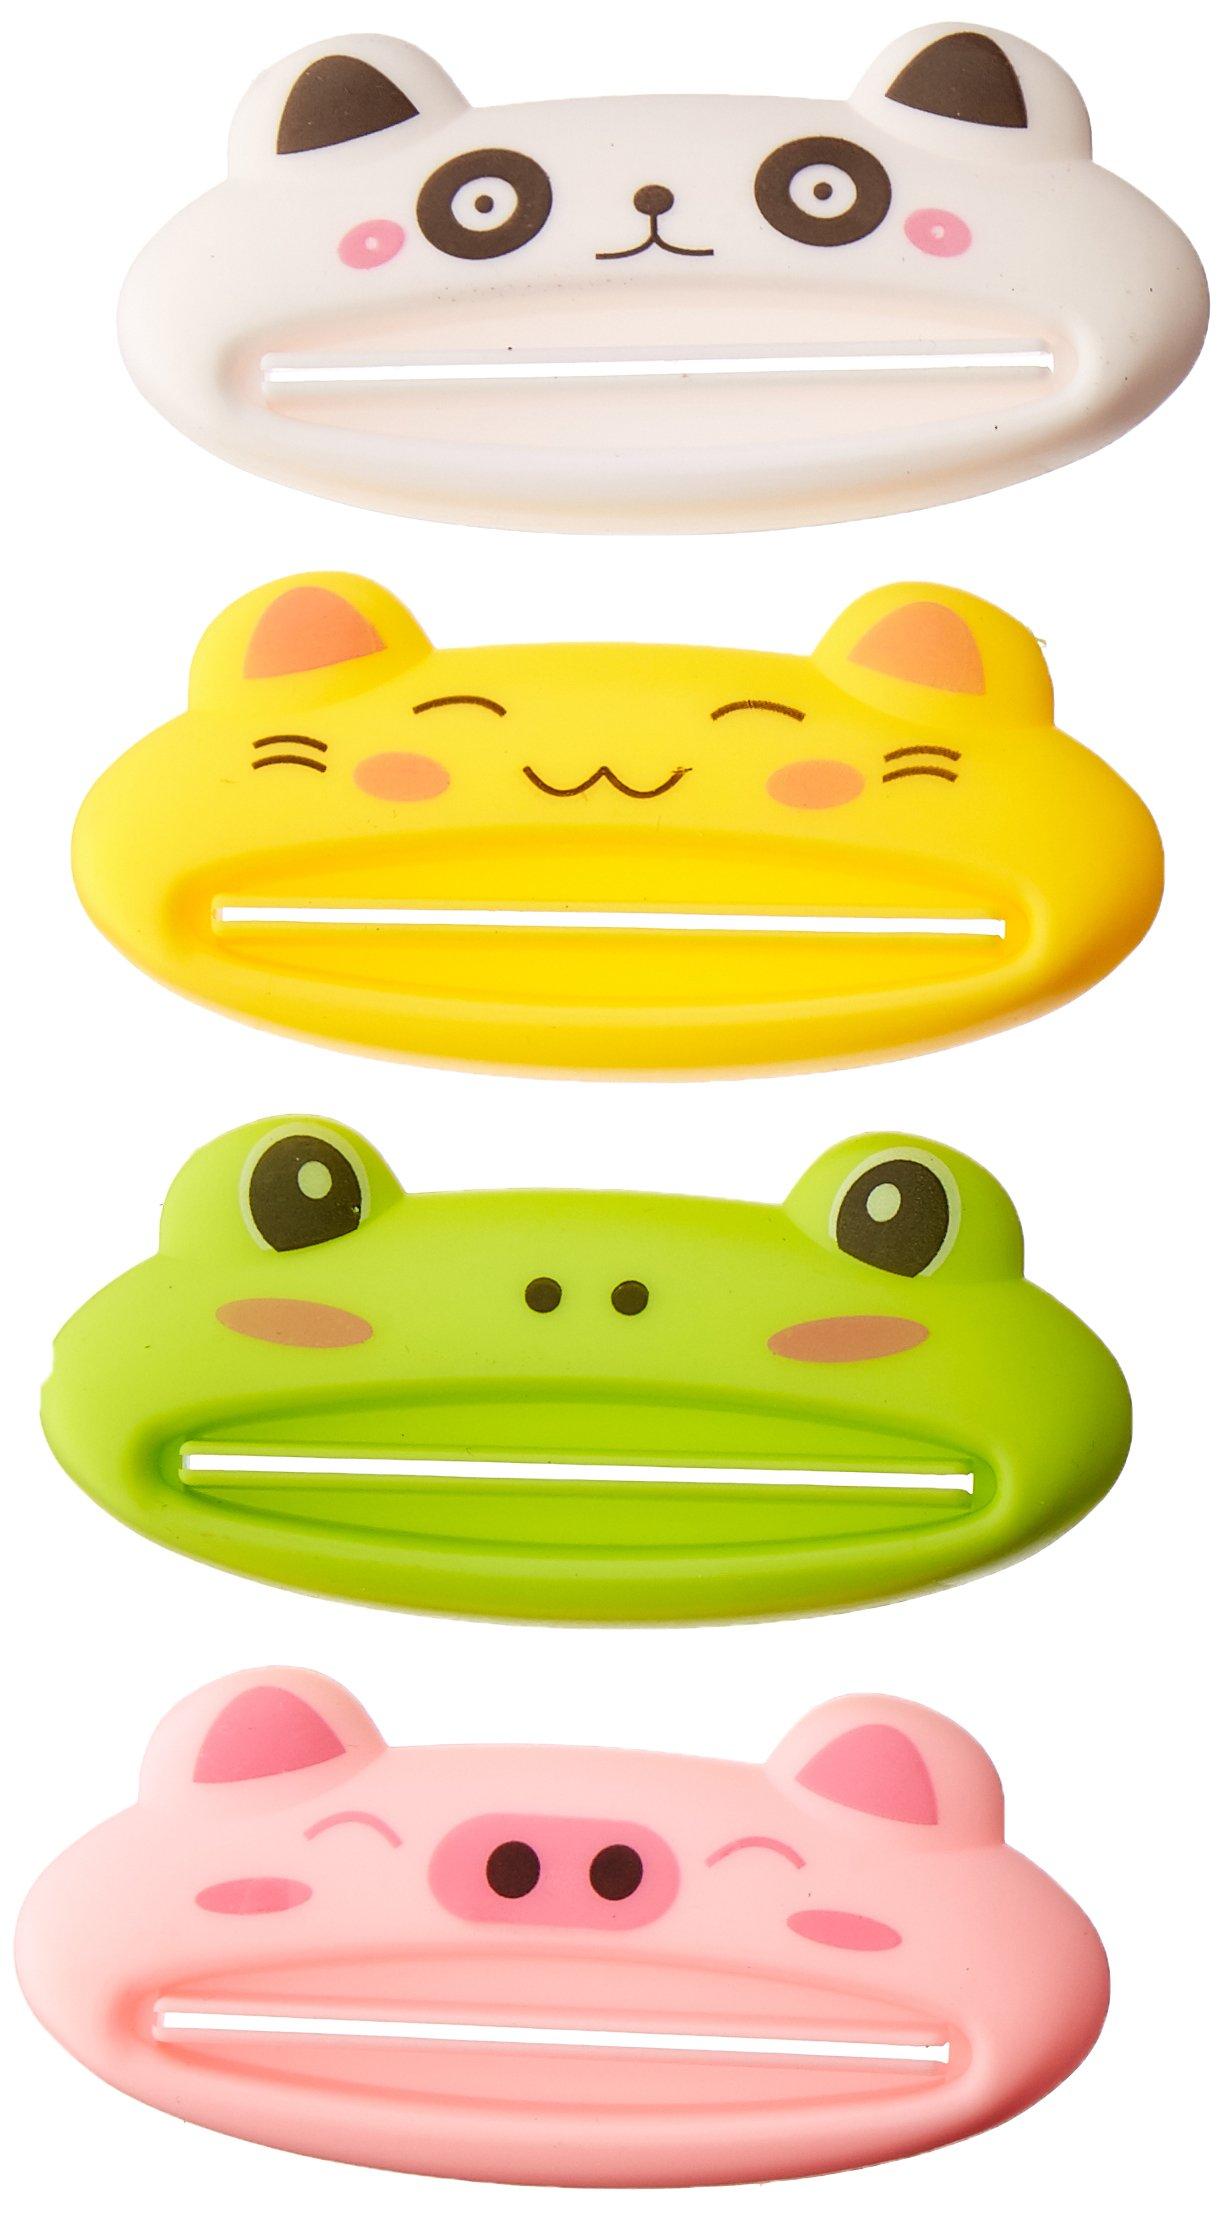 Cartoon multipurpose toothpaste squeezer 4 pieces per order